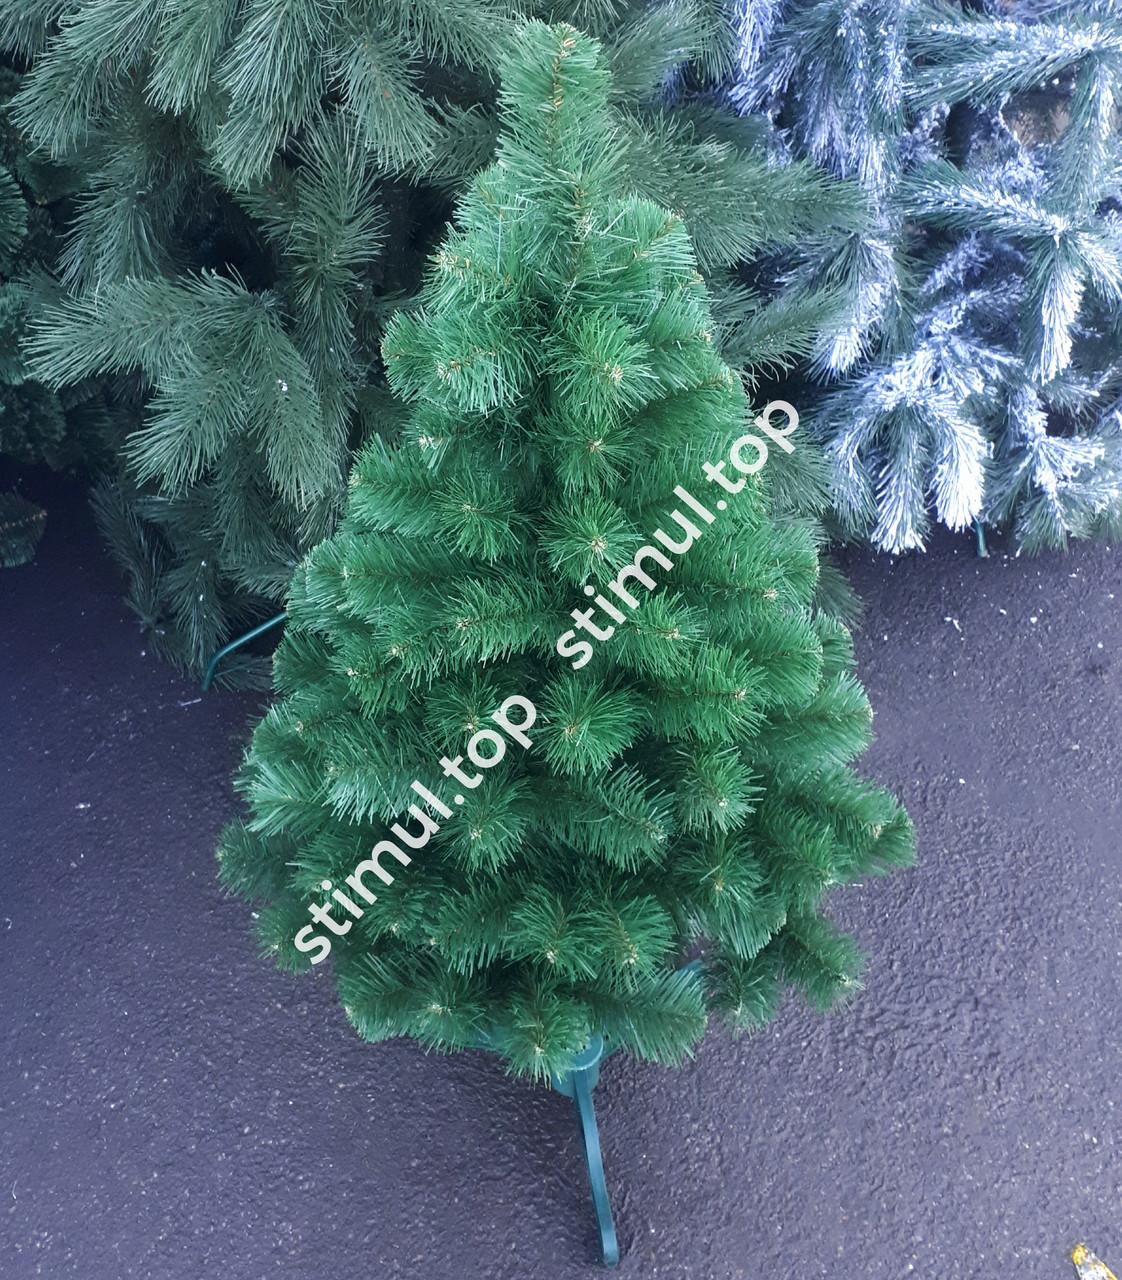 Елка искусственная ПВХ 200 см ▶ Зелёная новогодняя ель 2.0 м ▶ Ялинка штучна